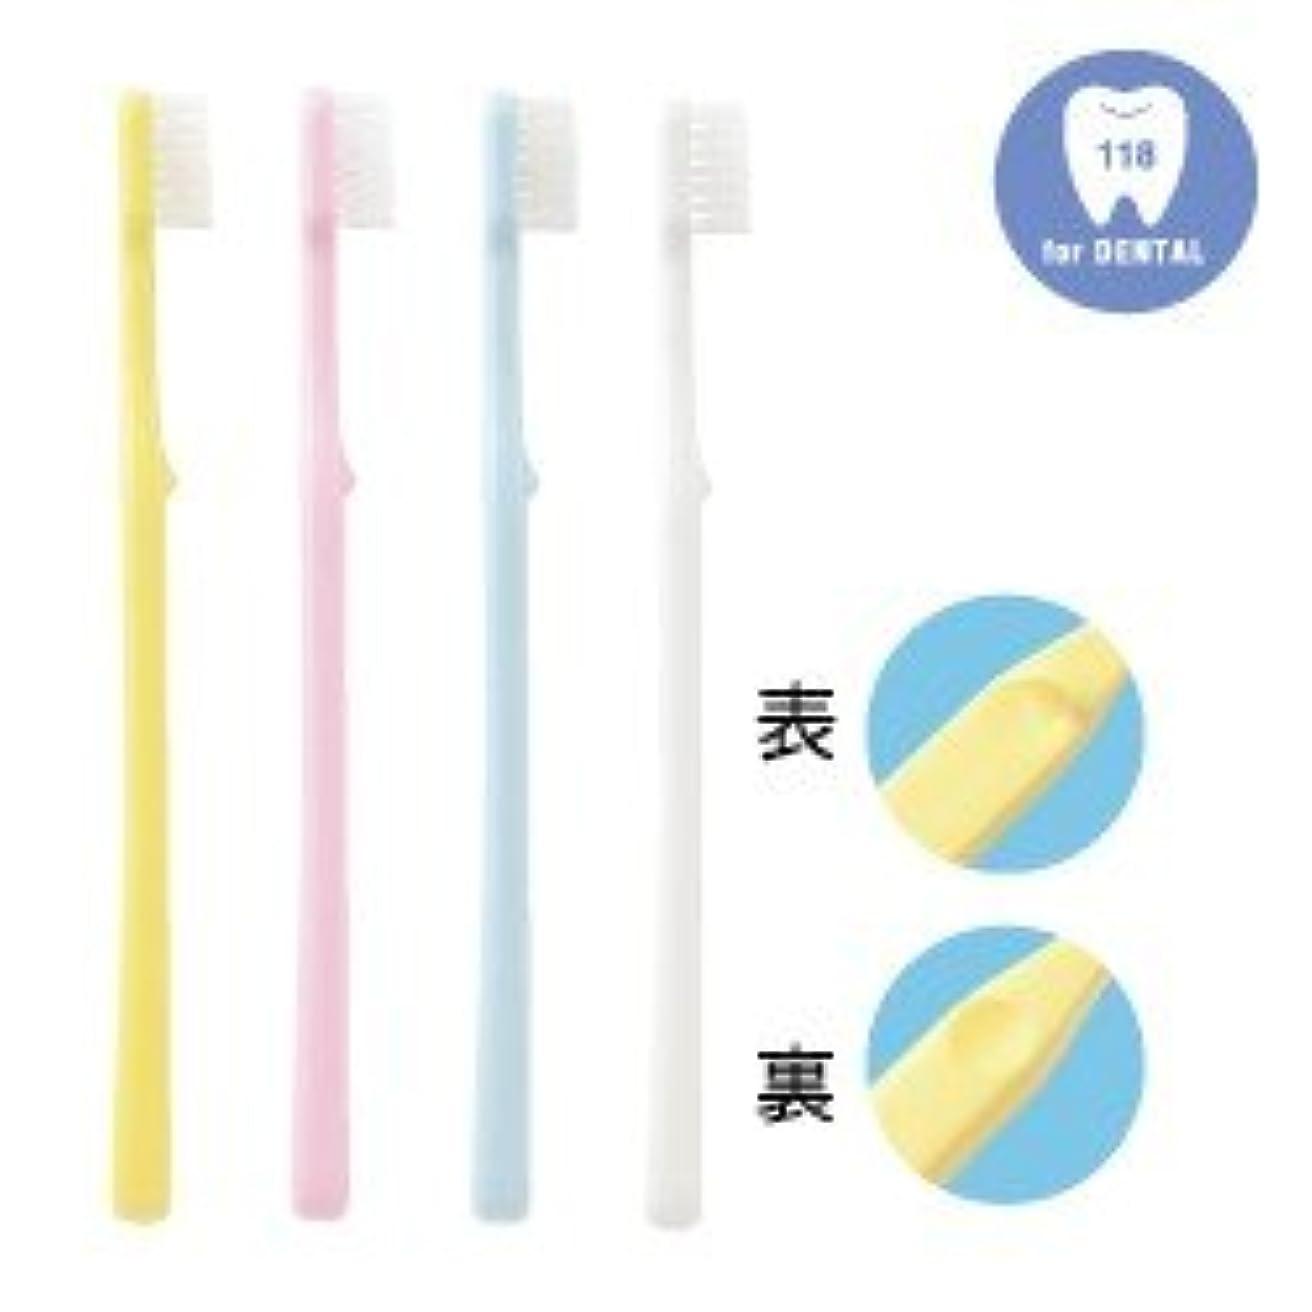 約アトミック才能のある歯科専用歯ブラシ フォーカス 子供用 118シリーズ M(ふつう) 20本